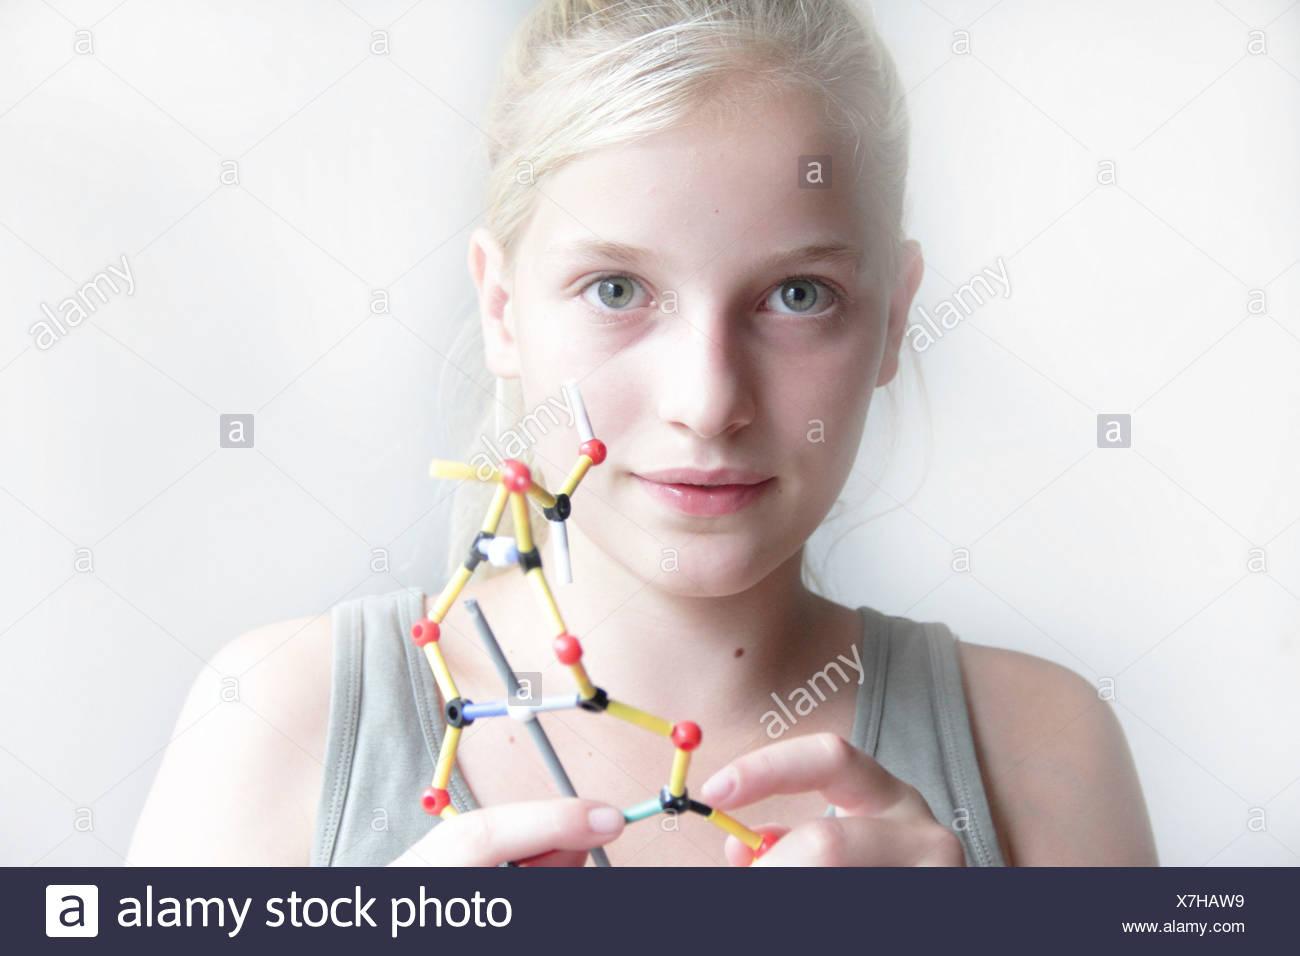 Girl constructing a molecular model - Stock Image